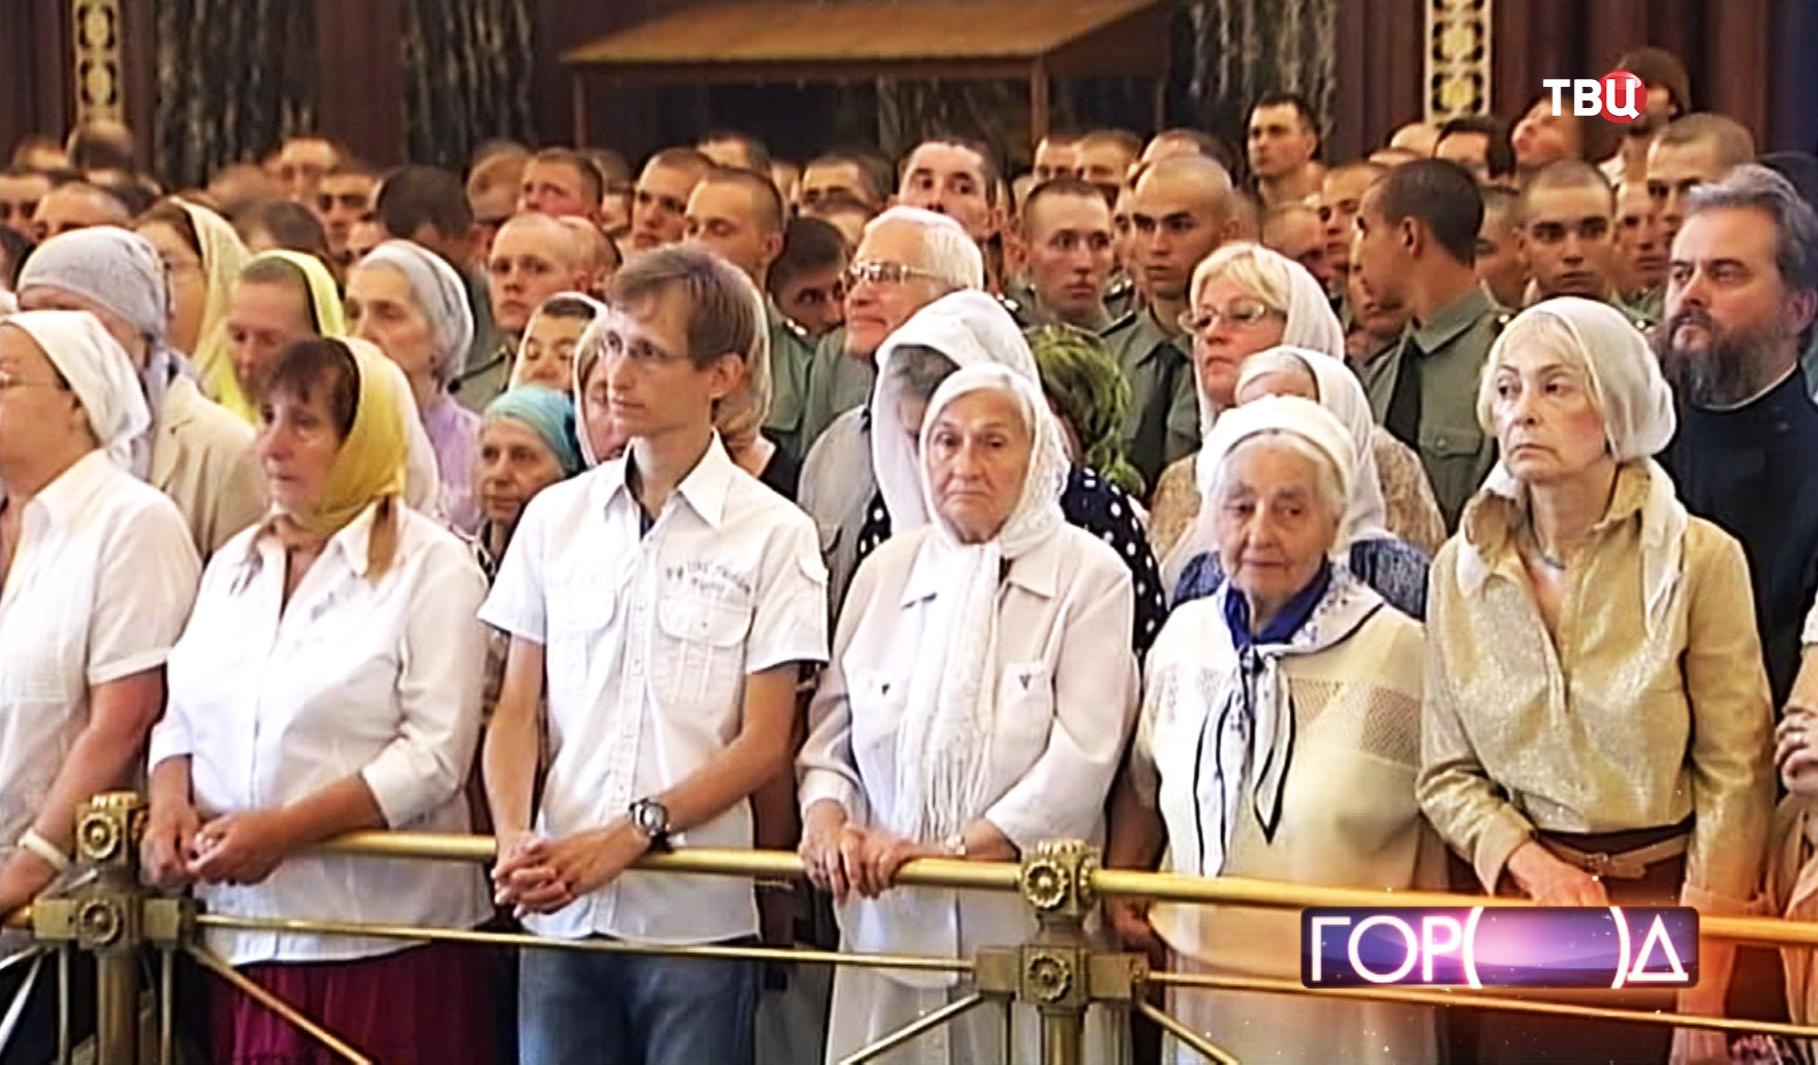 Прихожане во время литургии в храме Христа Спасителя